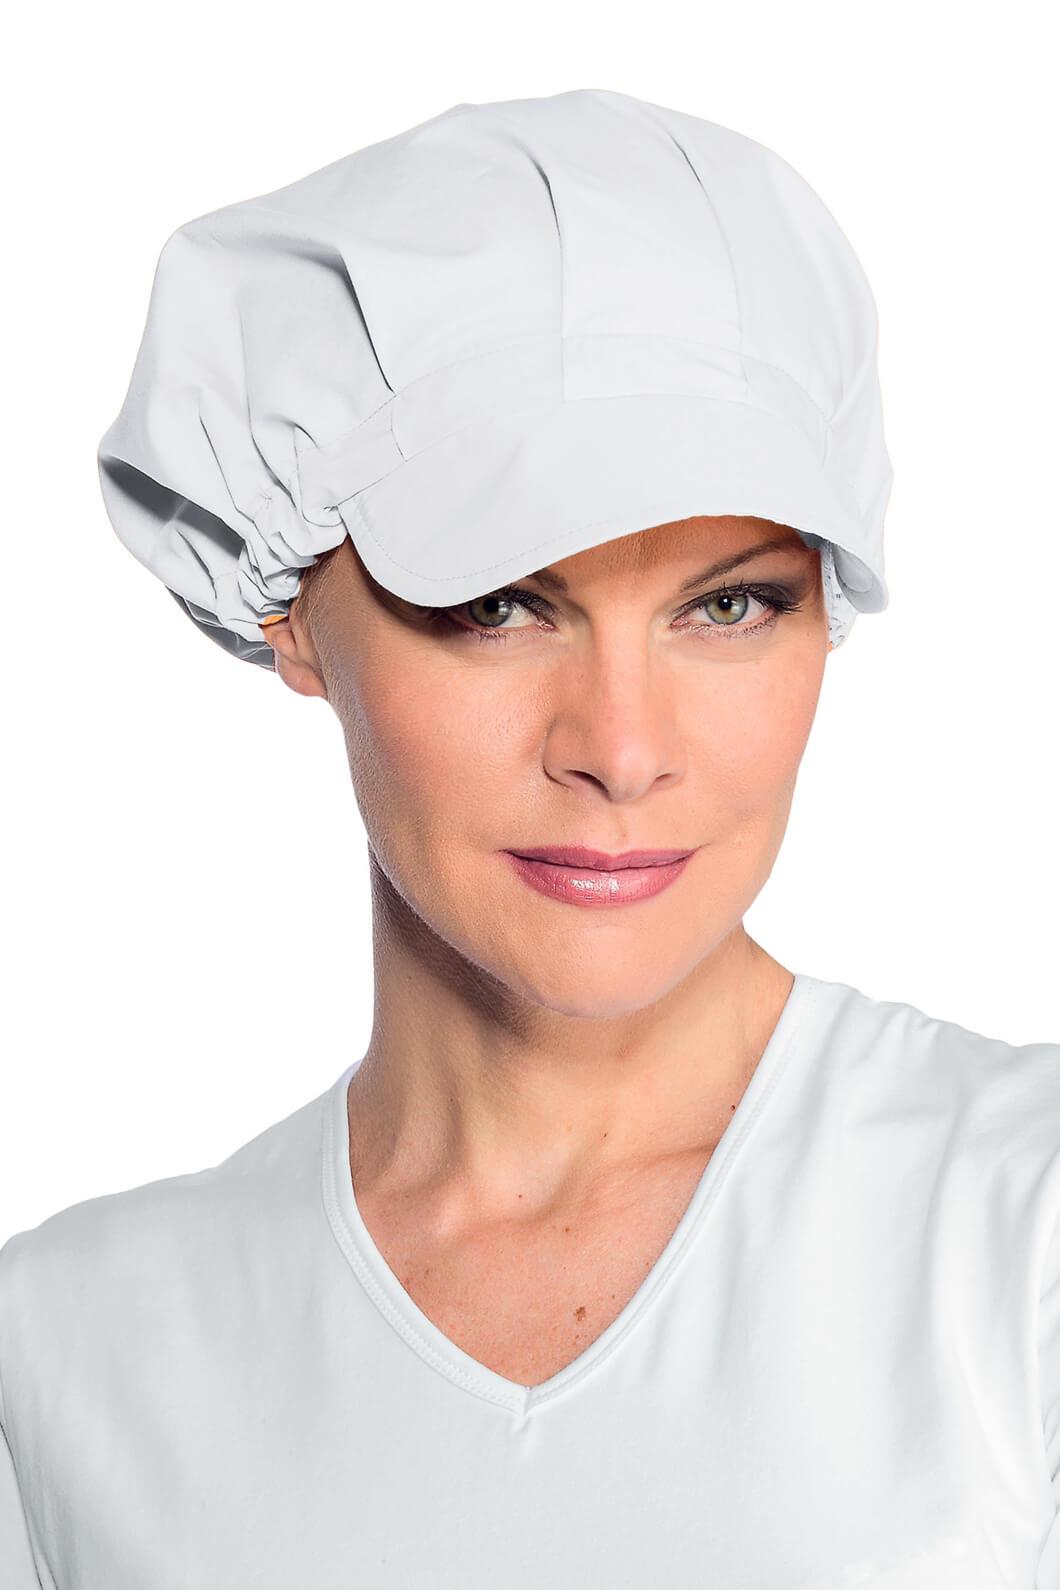 casquette de cuisine femme blanc chapeaux de cuisine isacco. Black Bedroom Furniture Sets. Home Design Ideas